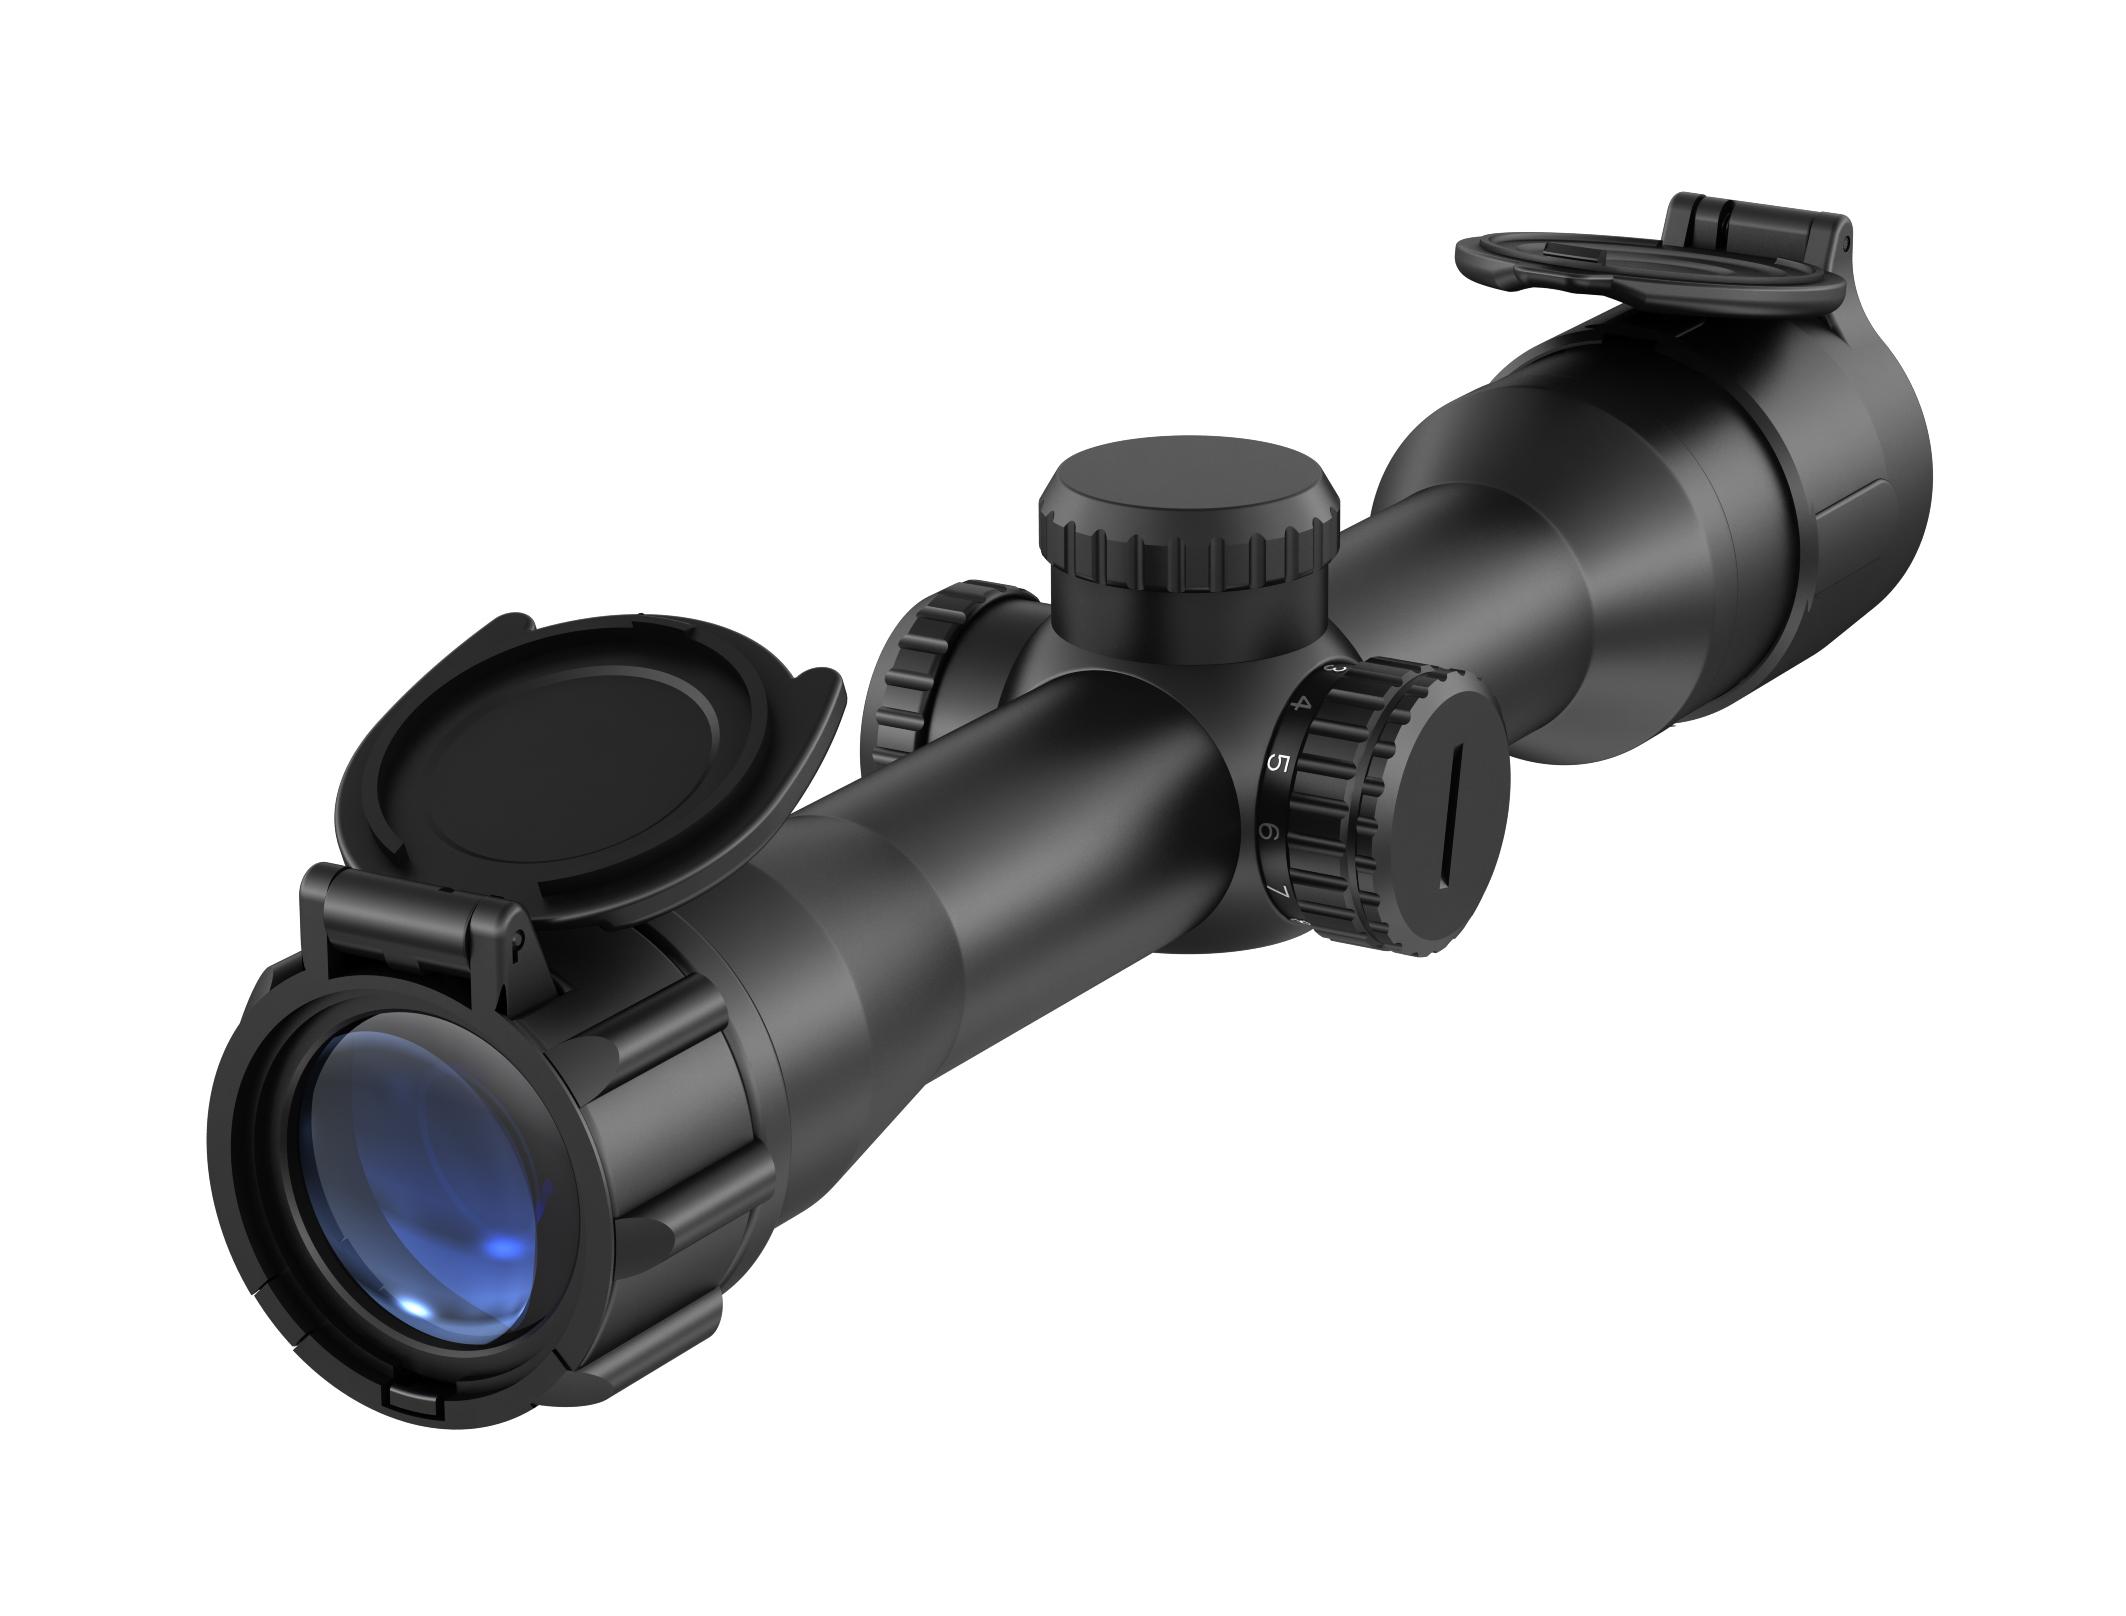 Entfernungsmesser Für Zielfernrohr : Zielfernrohr ce serie rangefinder leuchtabsehen armbrust